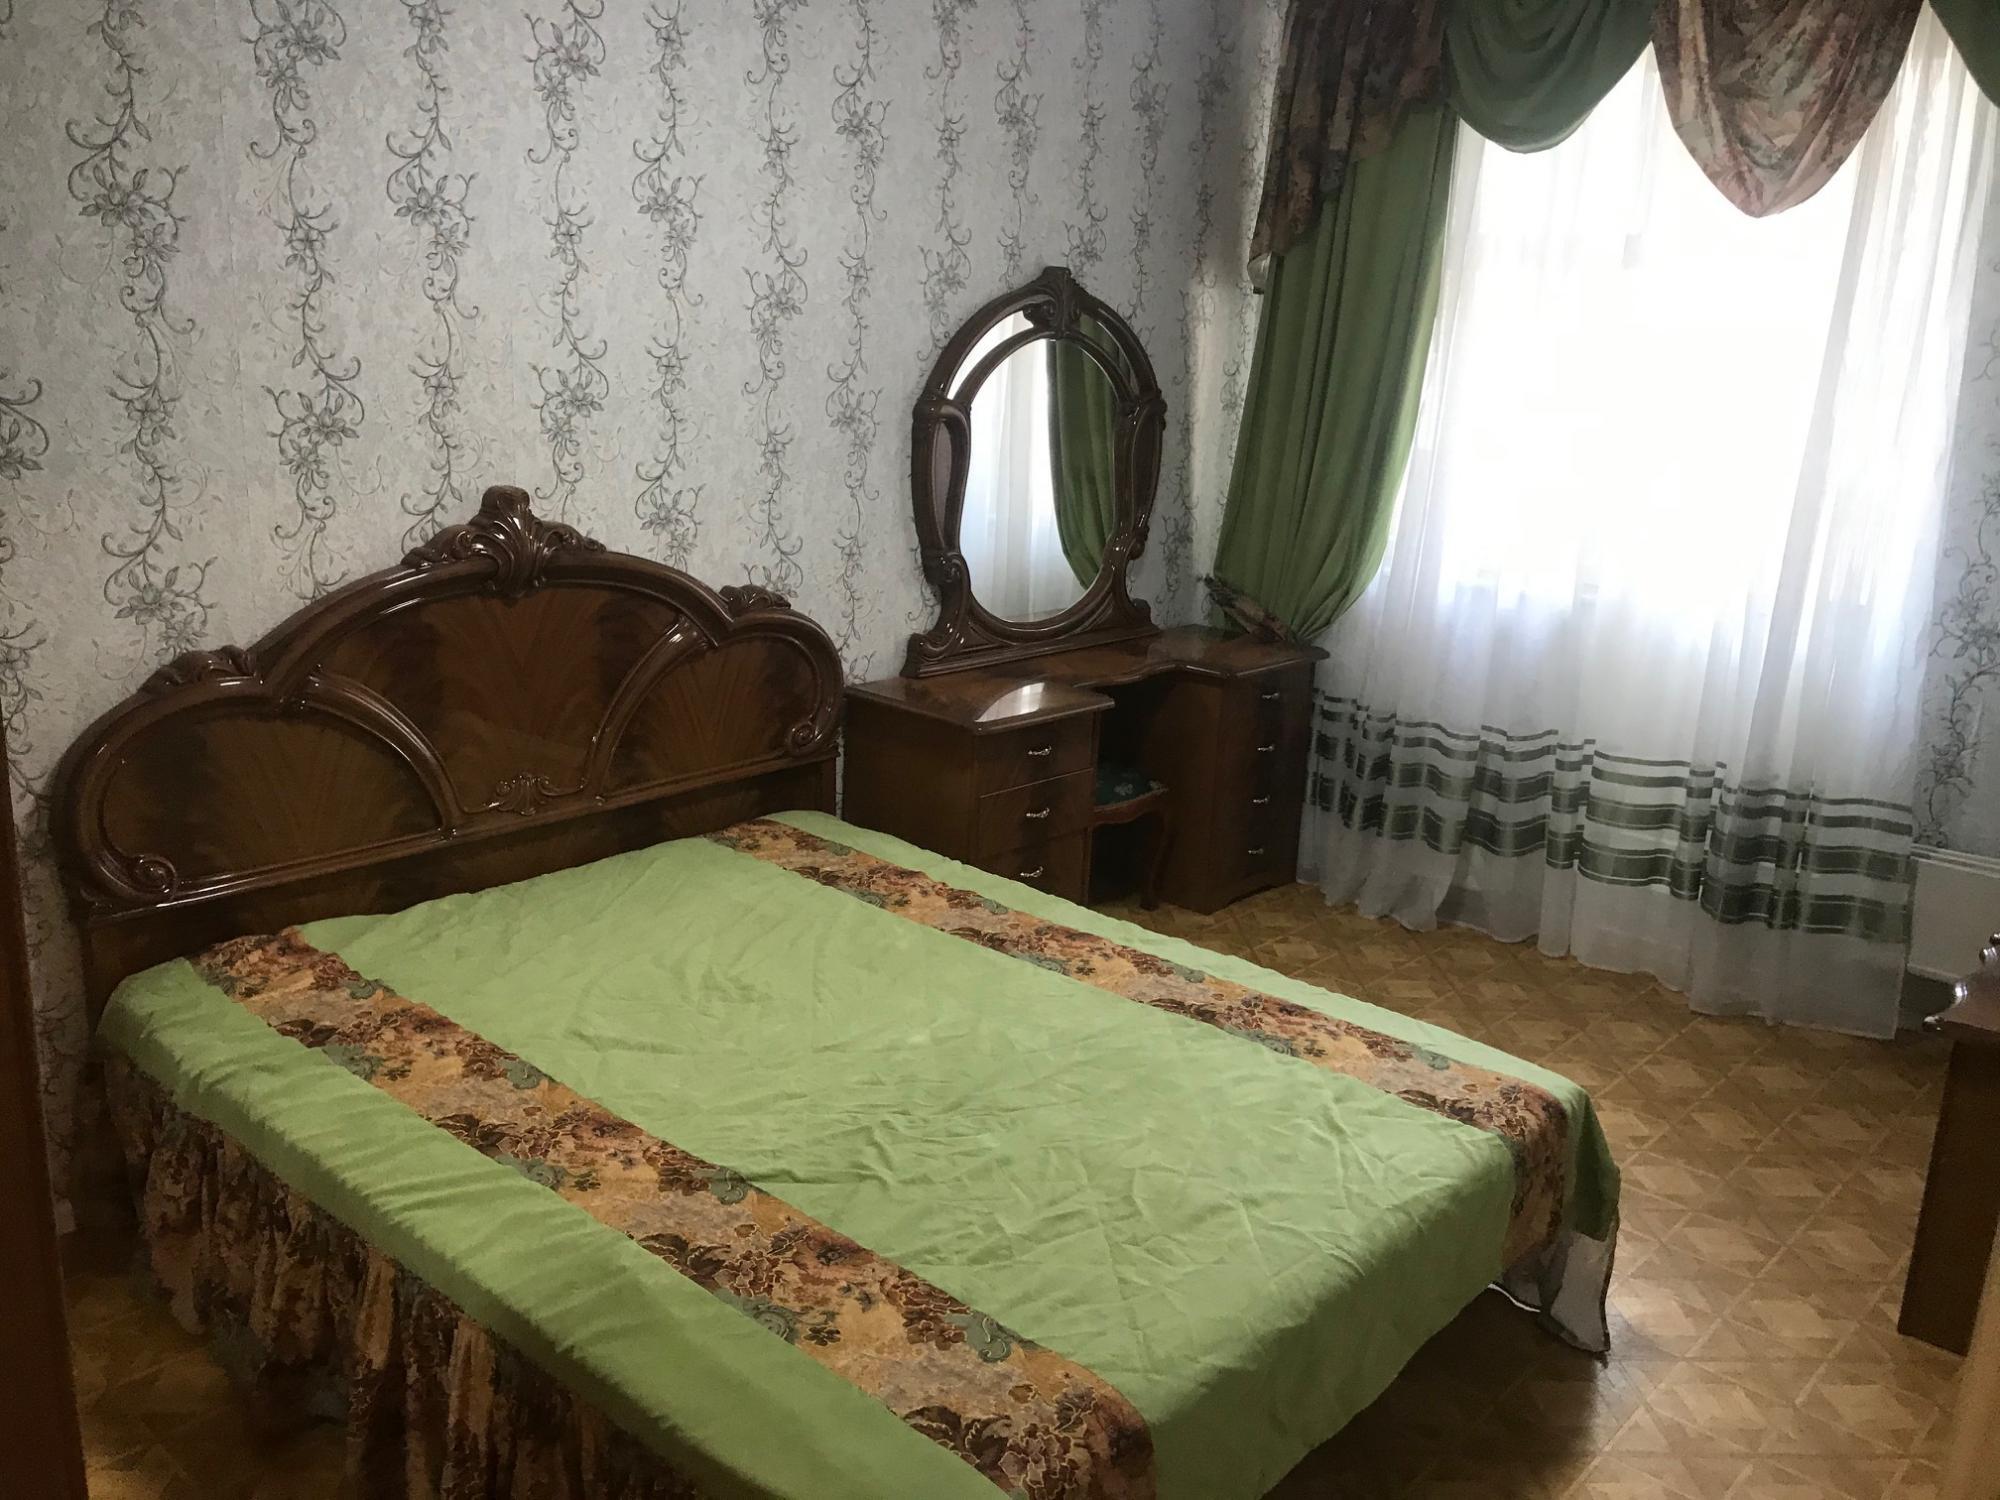 Квартира, 3 комнаты, 75 м² в Москве 89260840912 купить 7